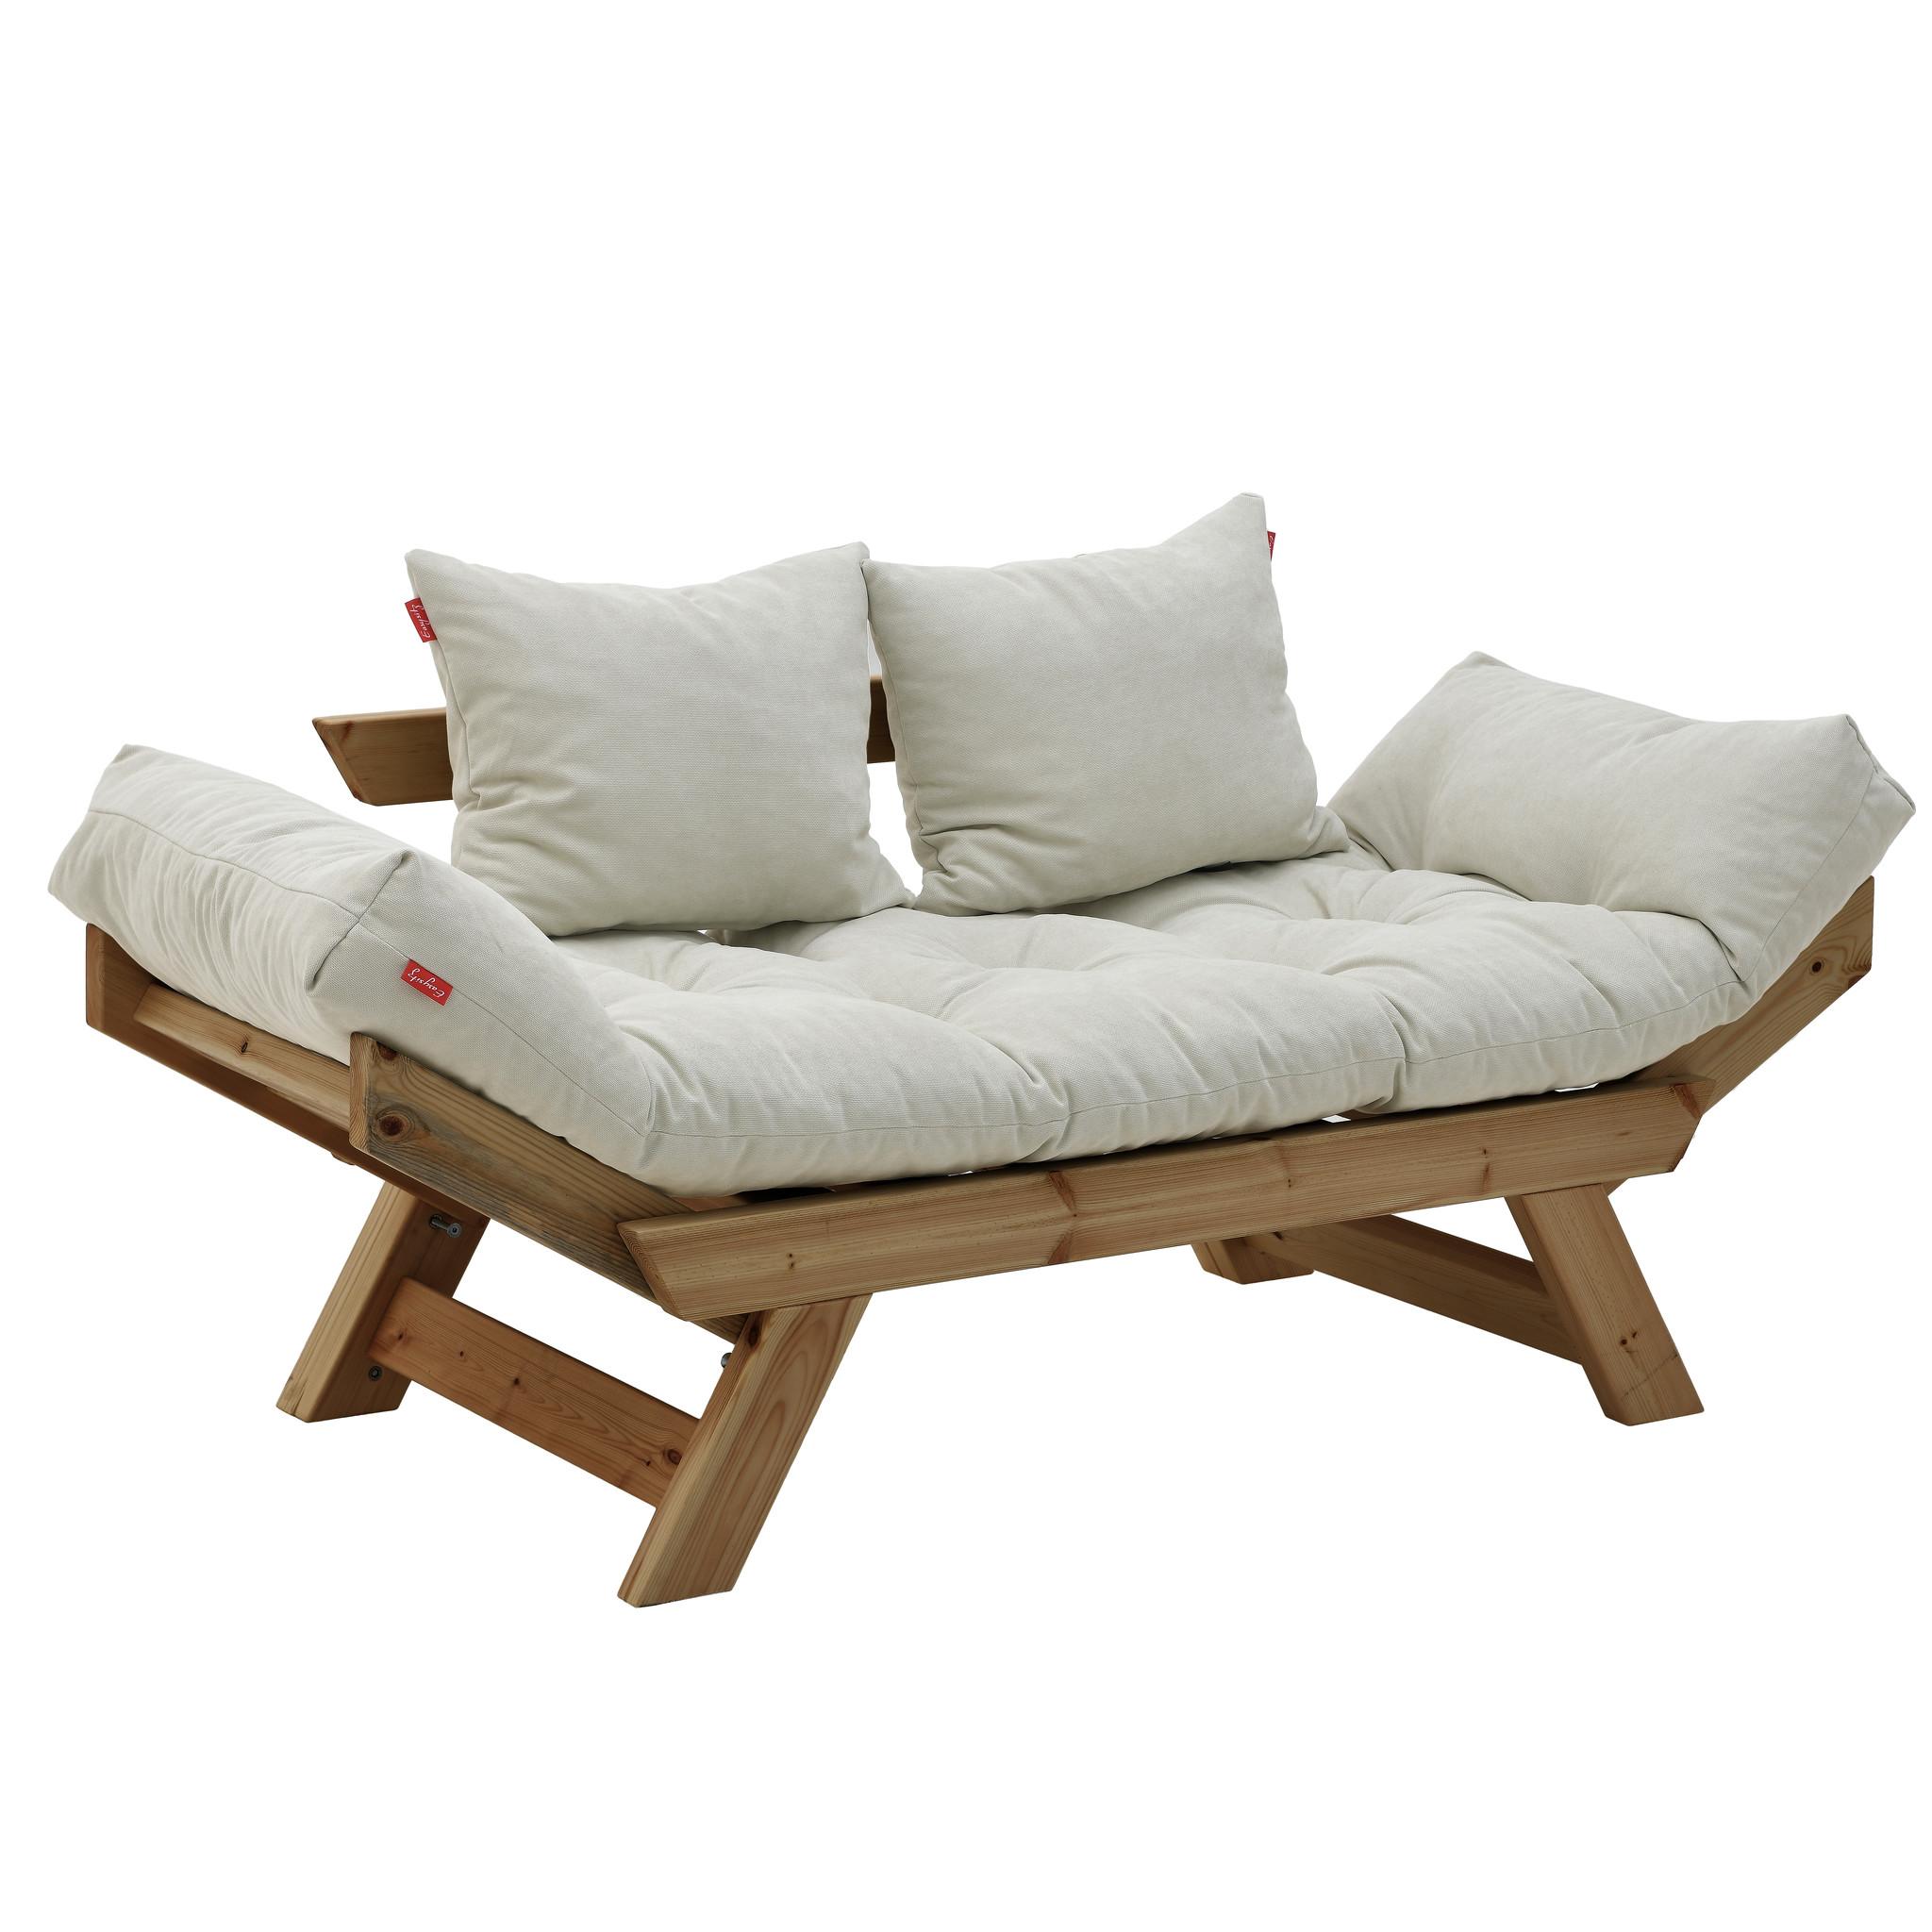 To4rooms диван двухместный lisieux коричневый 135627/4